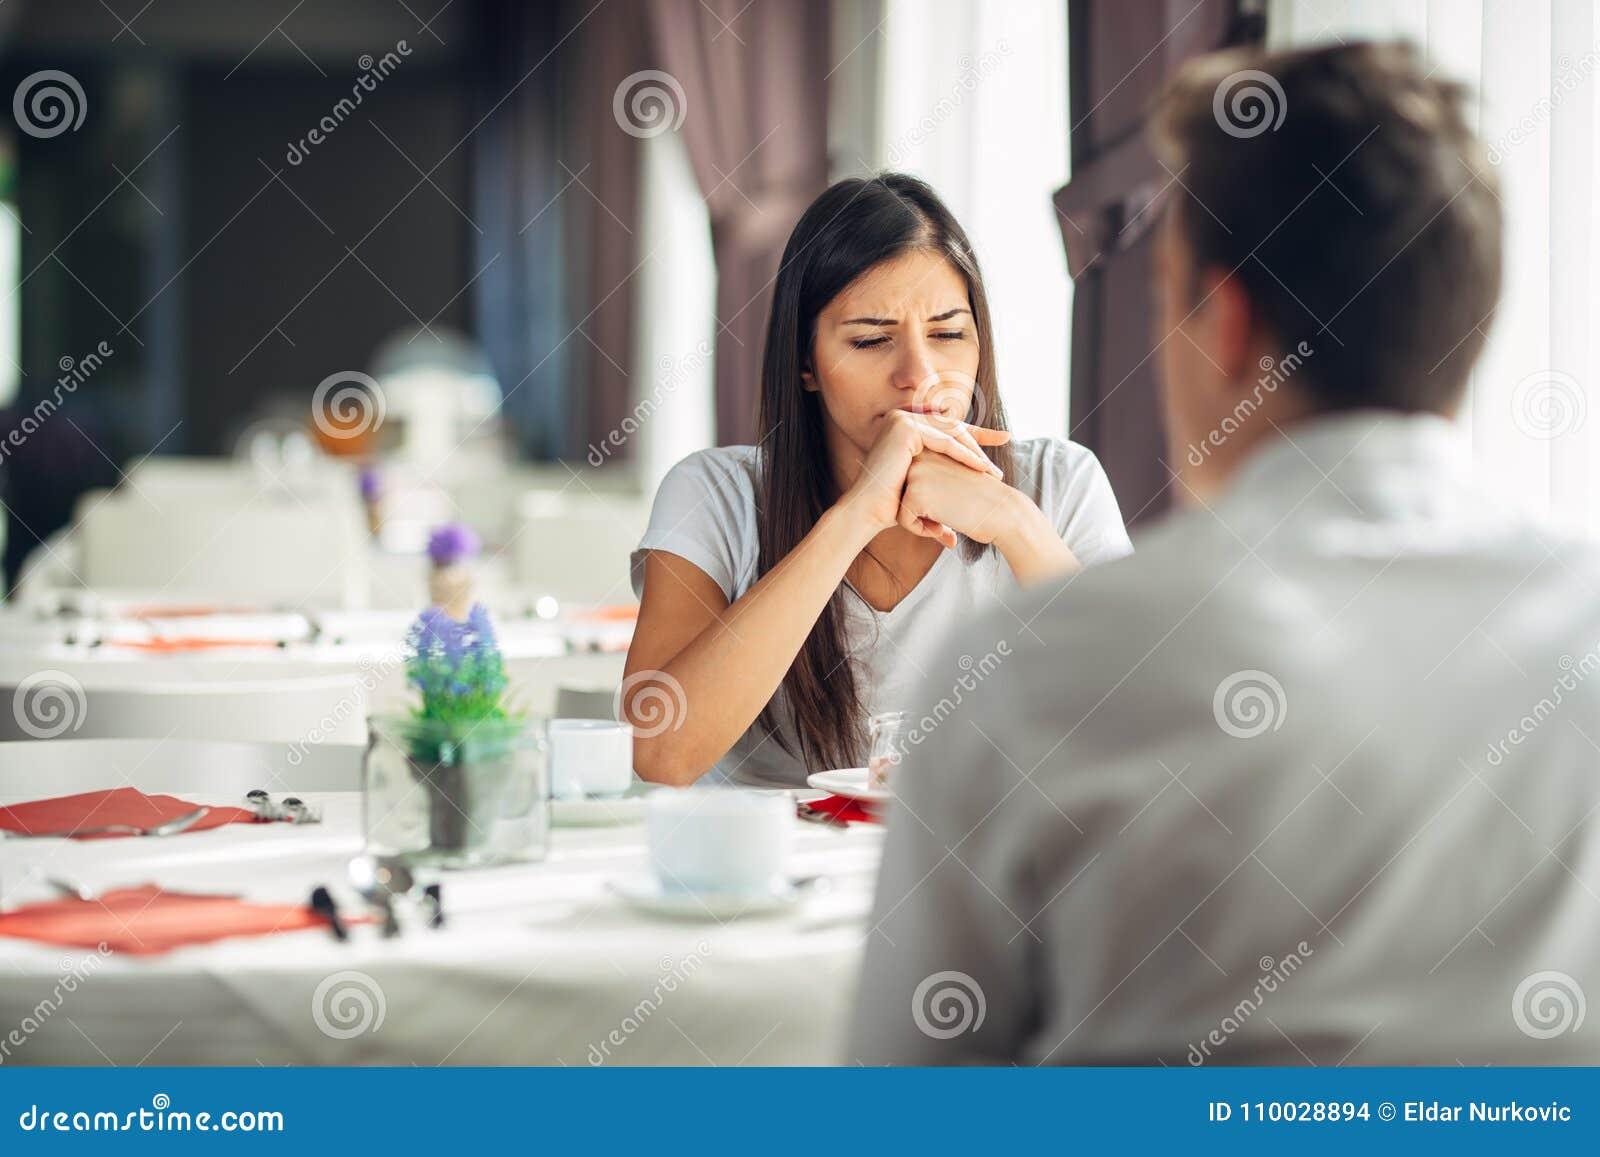 Mulher pensativa confundida que pensa, conversação de escuta Problemas mentais emocionais Edições na união e no relacionamento